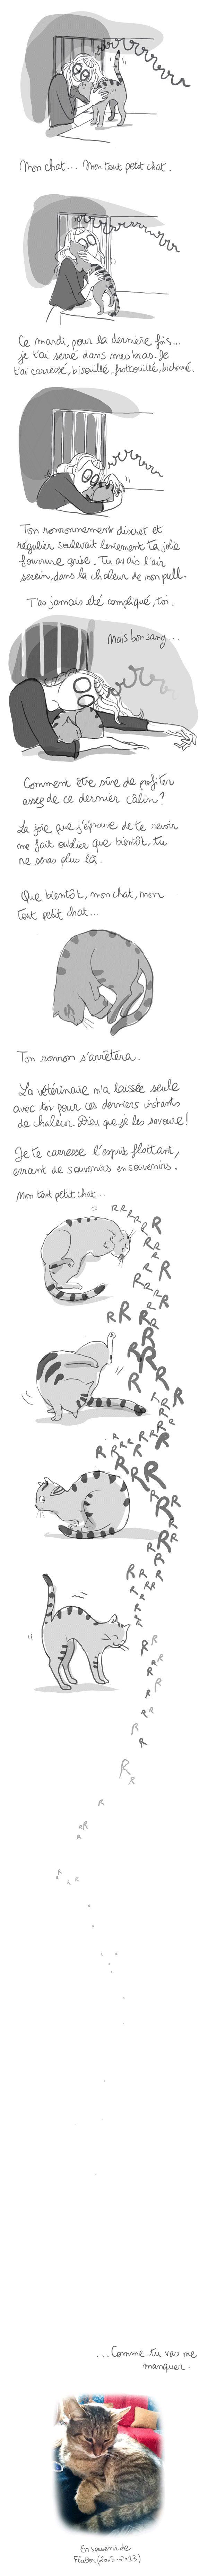 Flutiou-diglee, gato. mascota